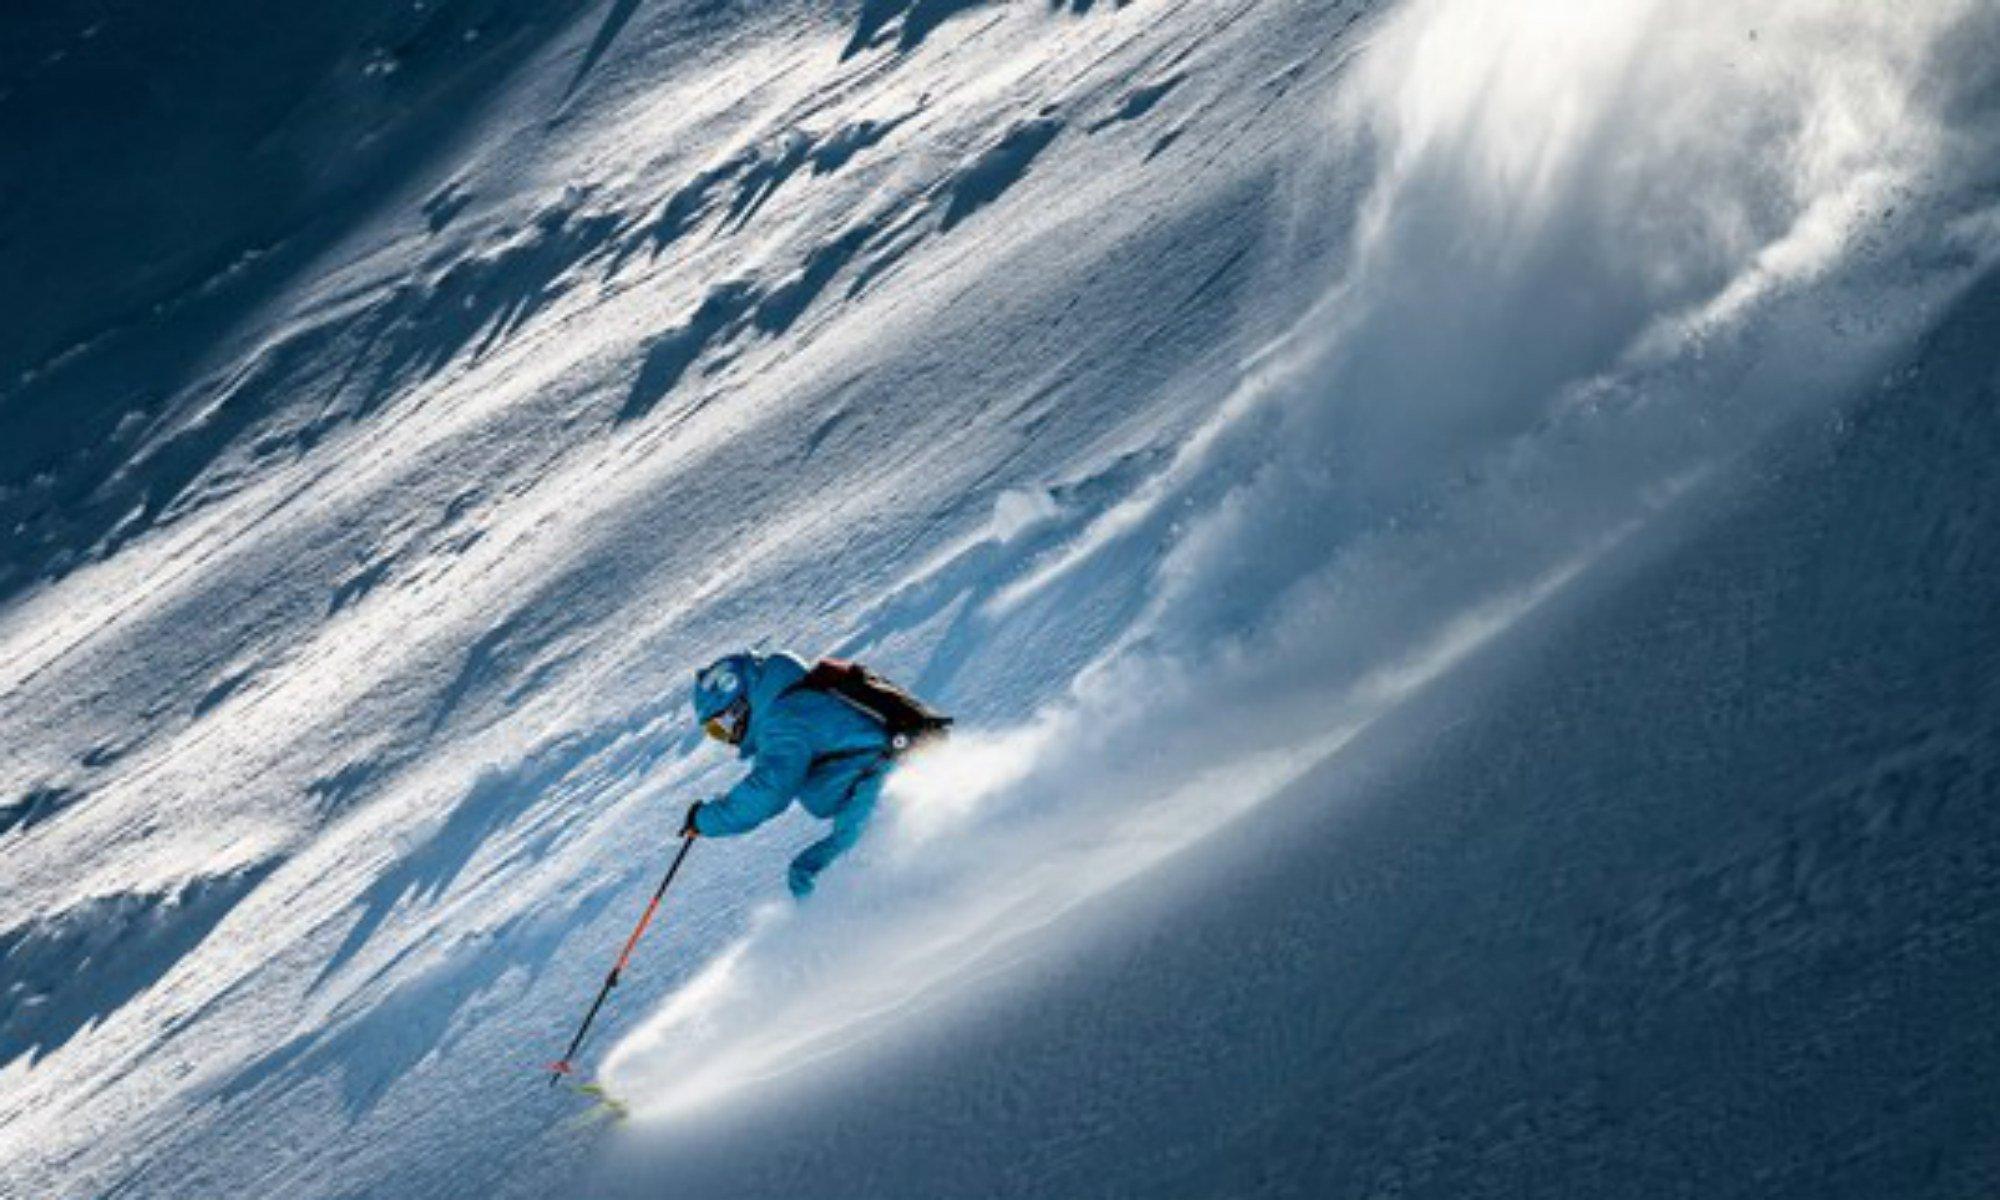 Un skieur hors piste dans la poudreuse.